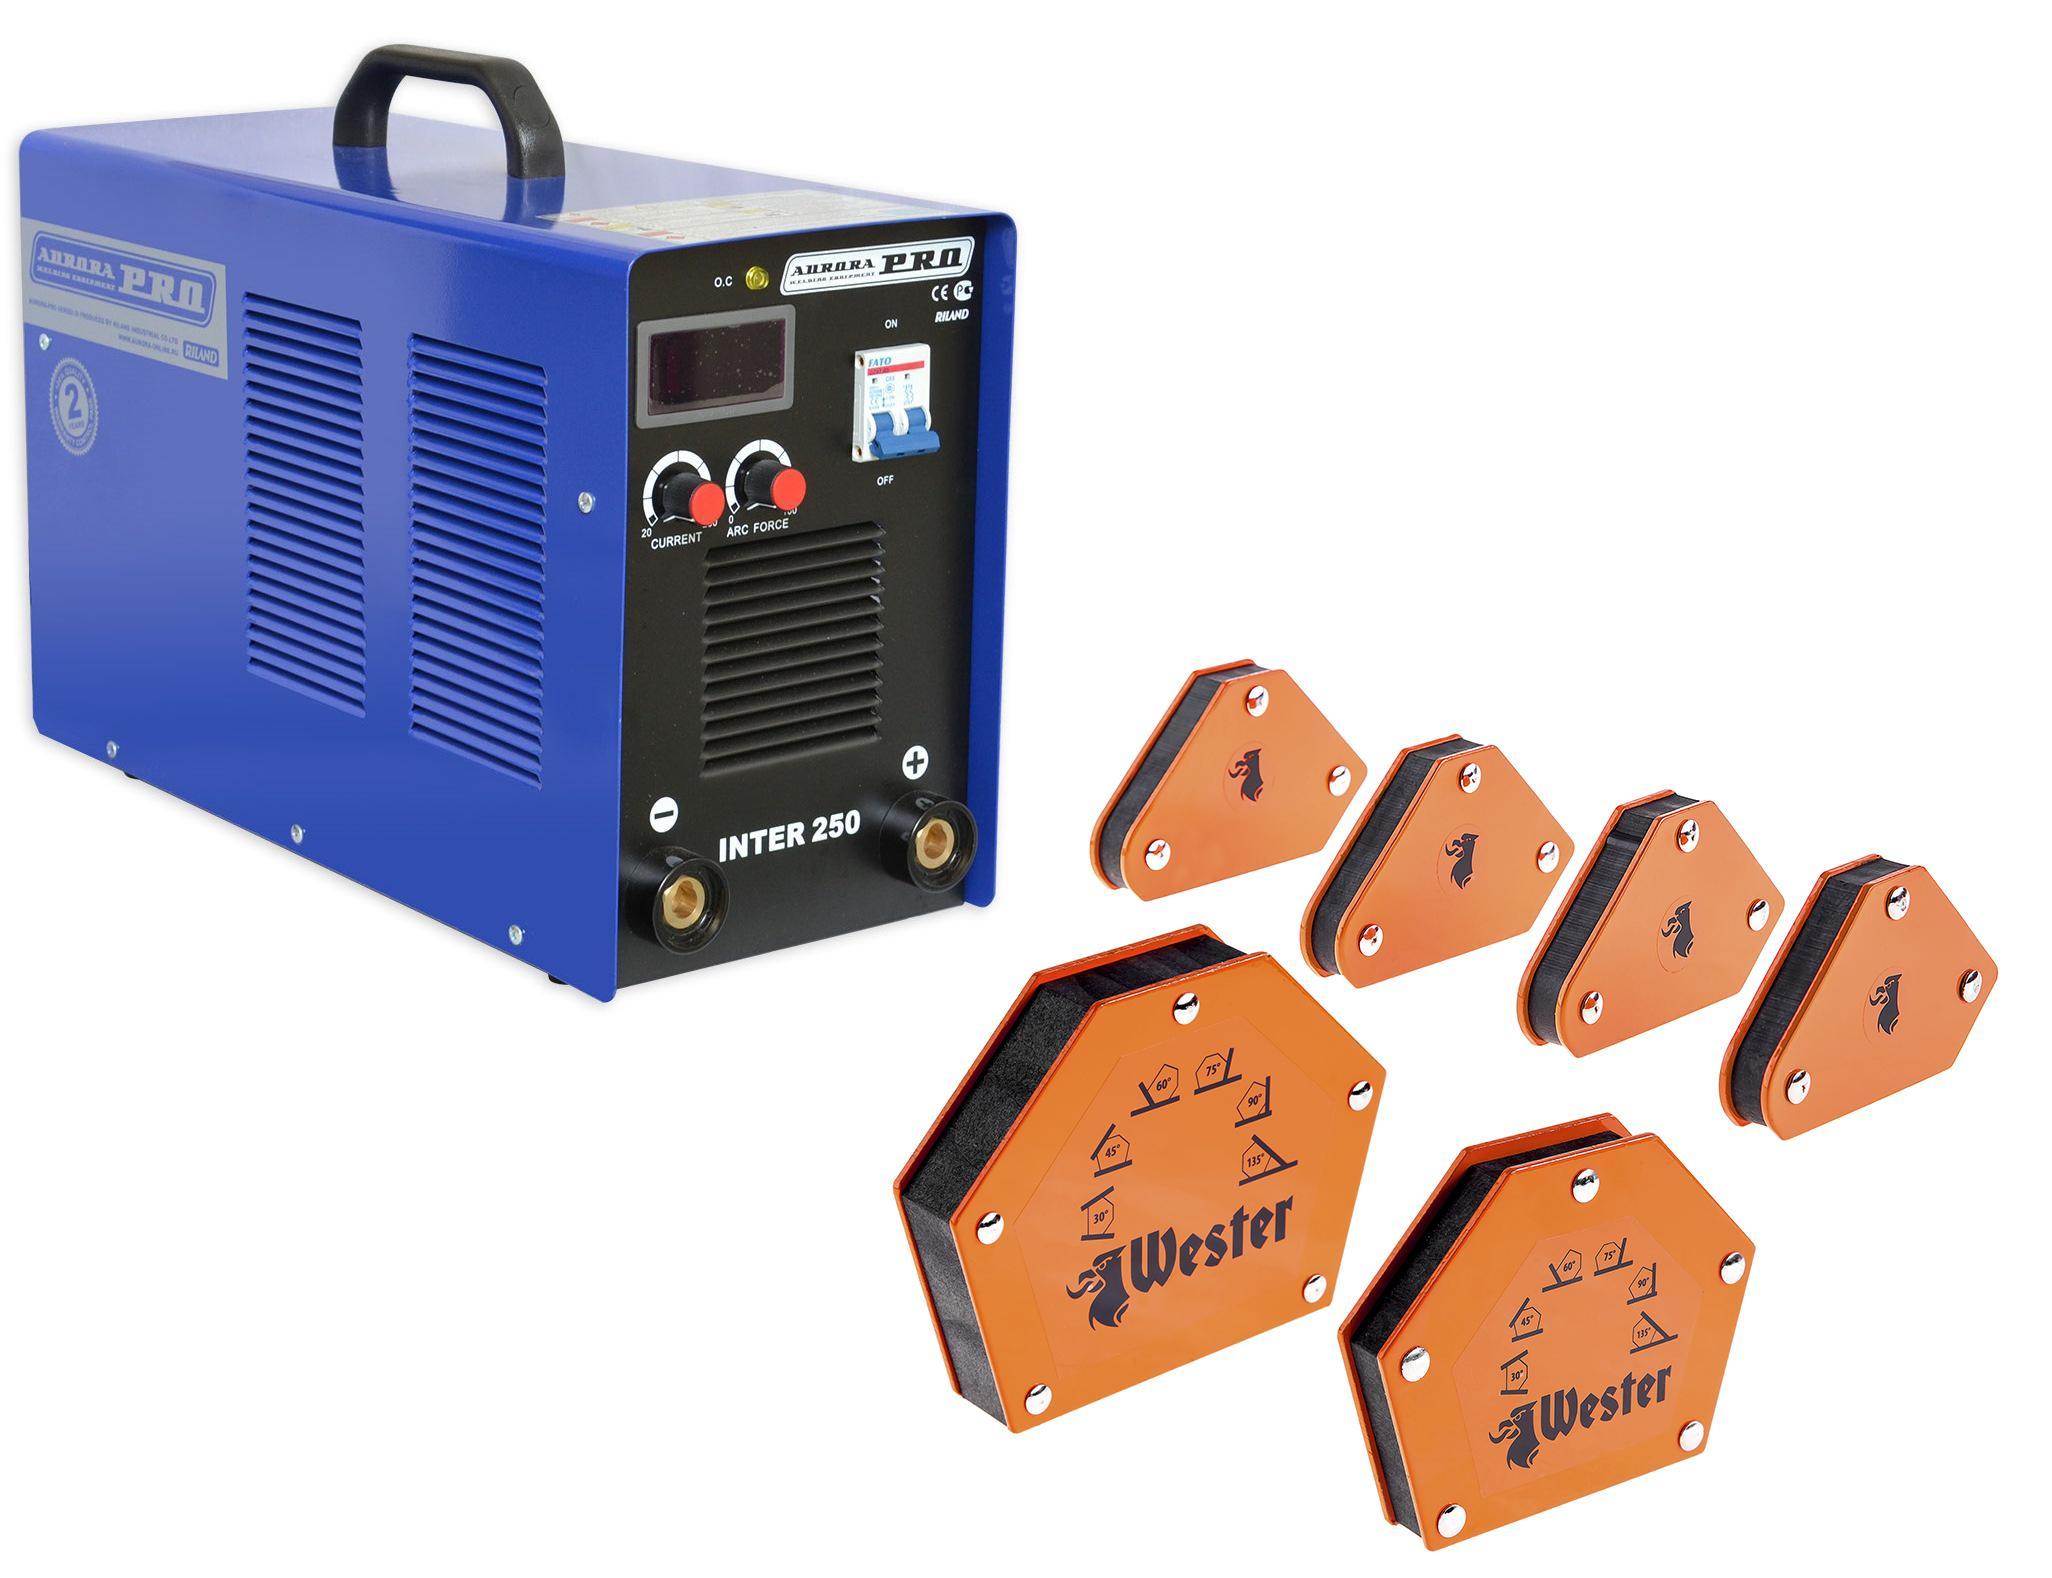 Набор Aurora pro Сварочный аппарат inter 250 mosfet +Угольник магнитный mcs +Угольник магнитный wmct50 +Угольник магнитный wmct75